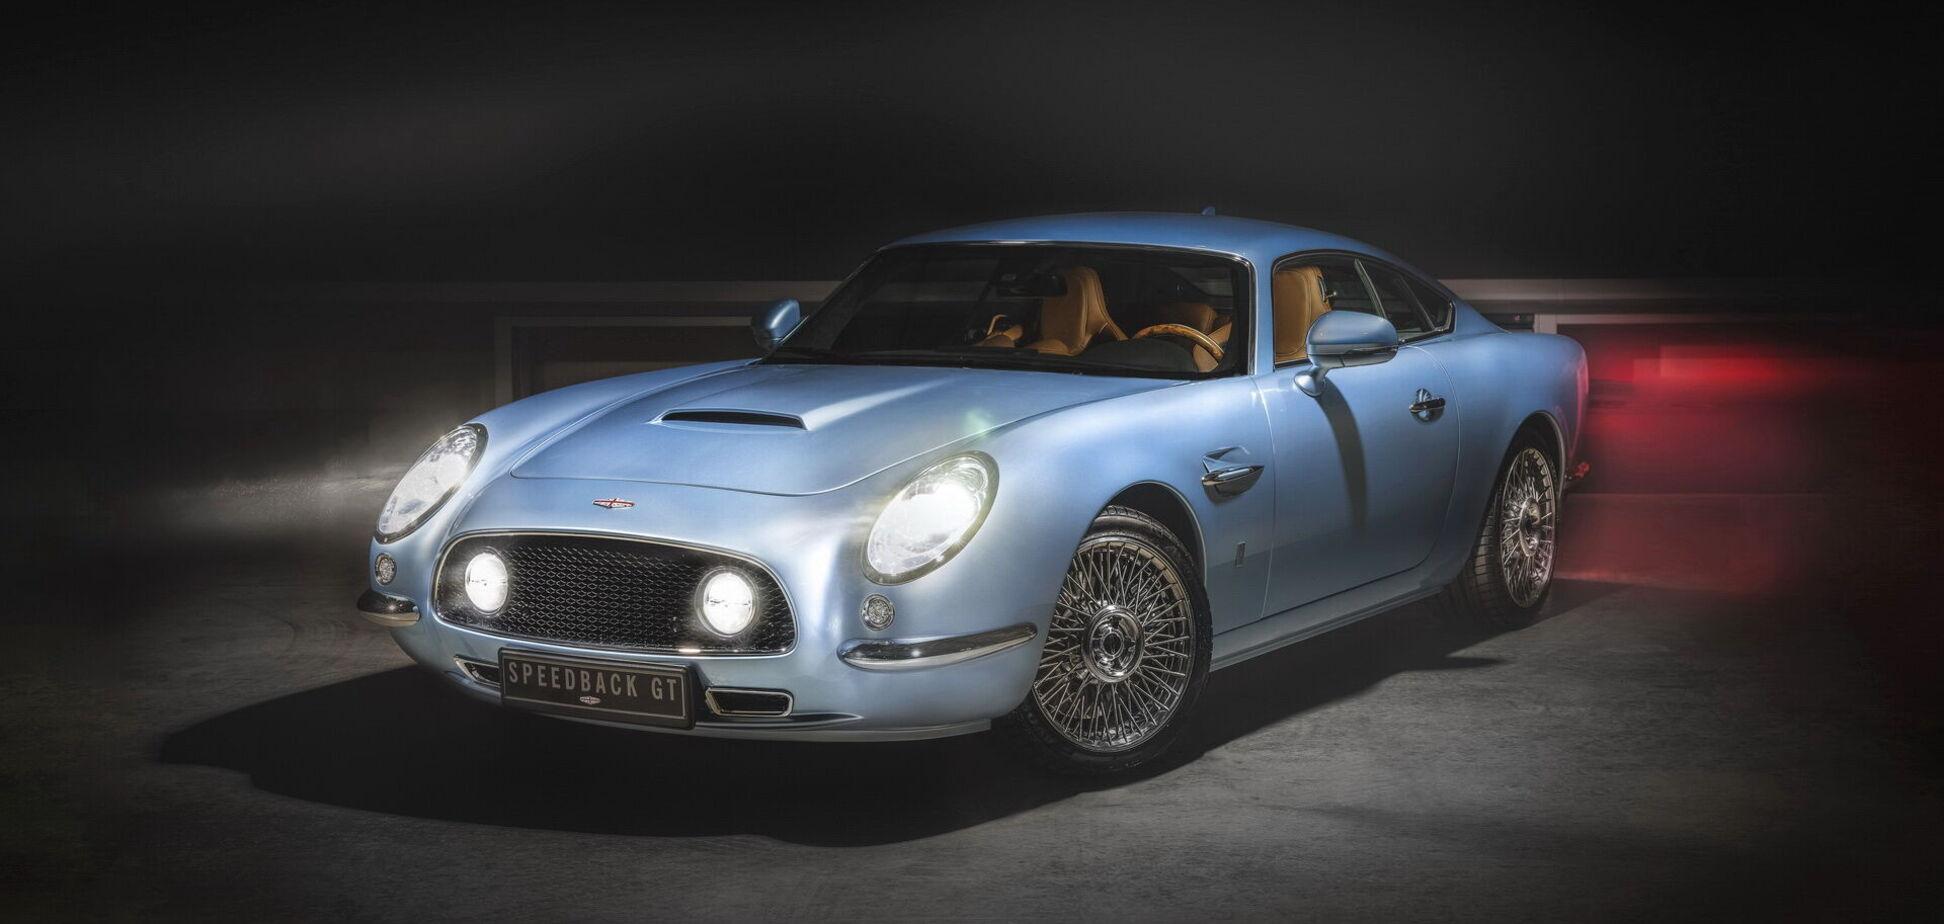 Компанія DBA показала нову версію свого купе Speedback GT